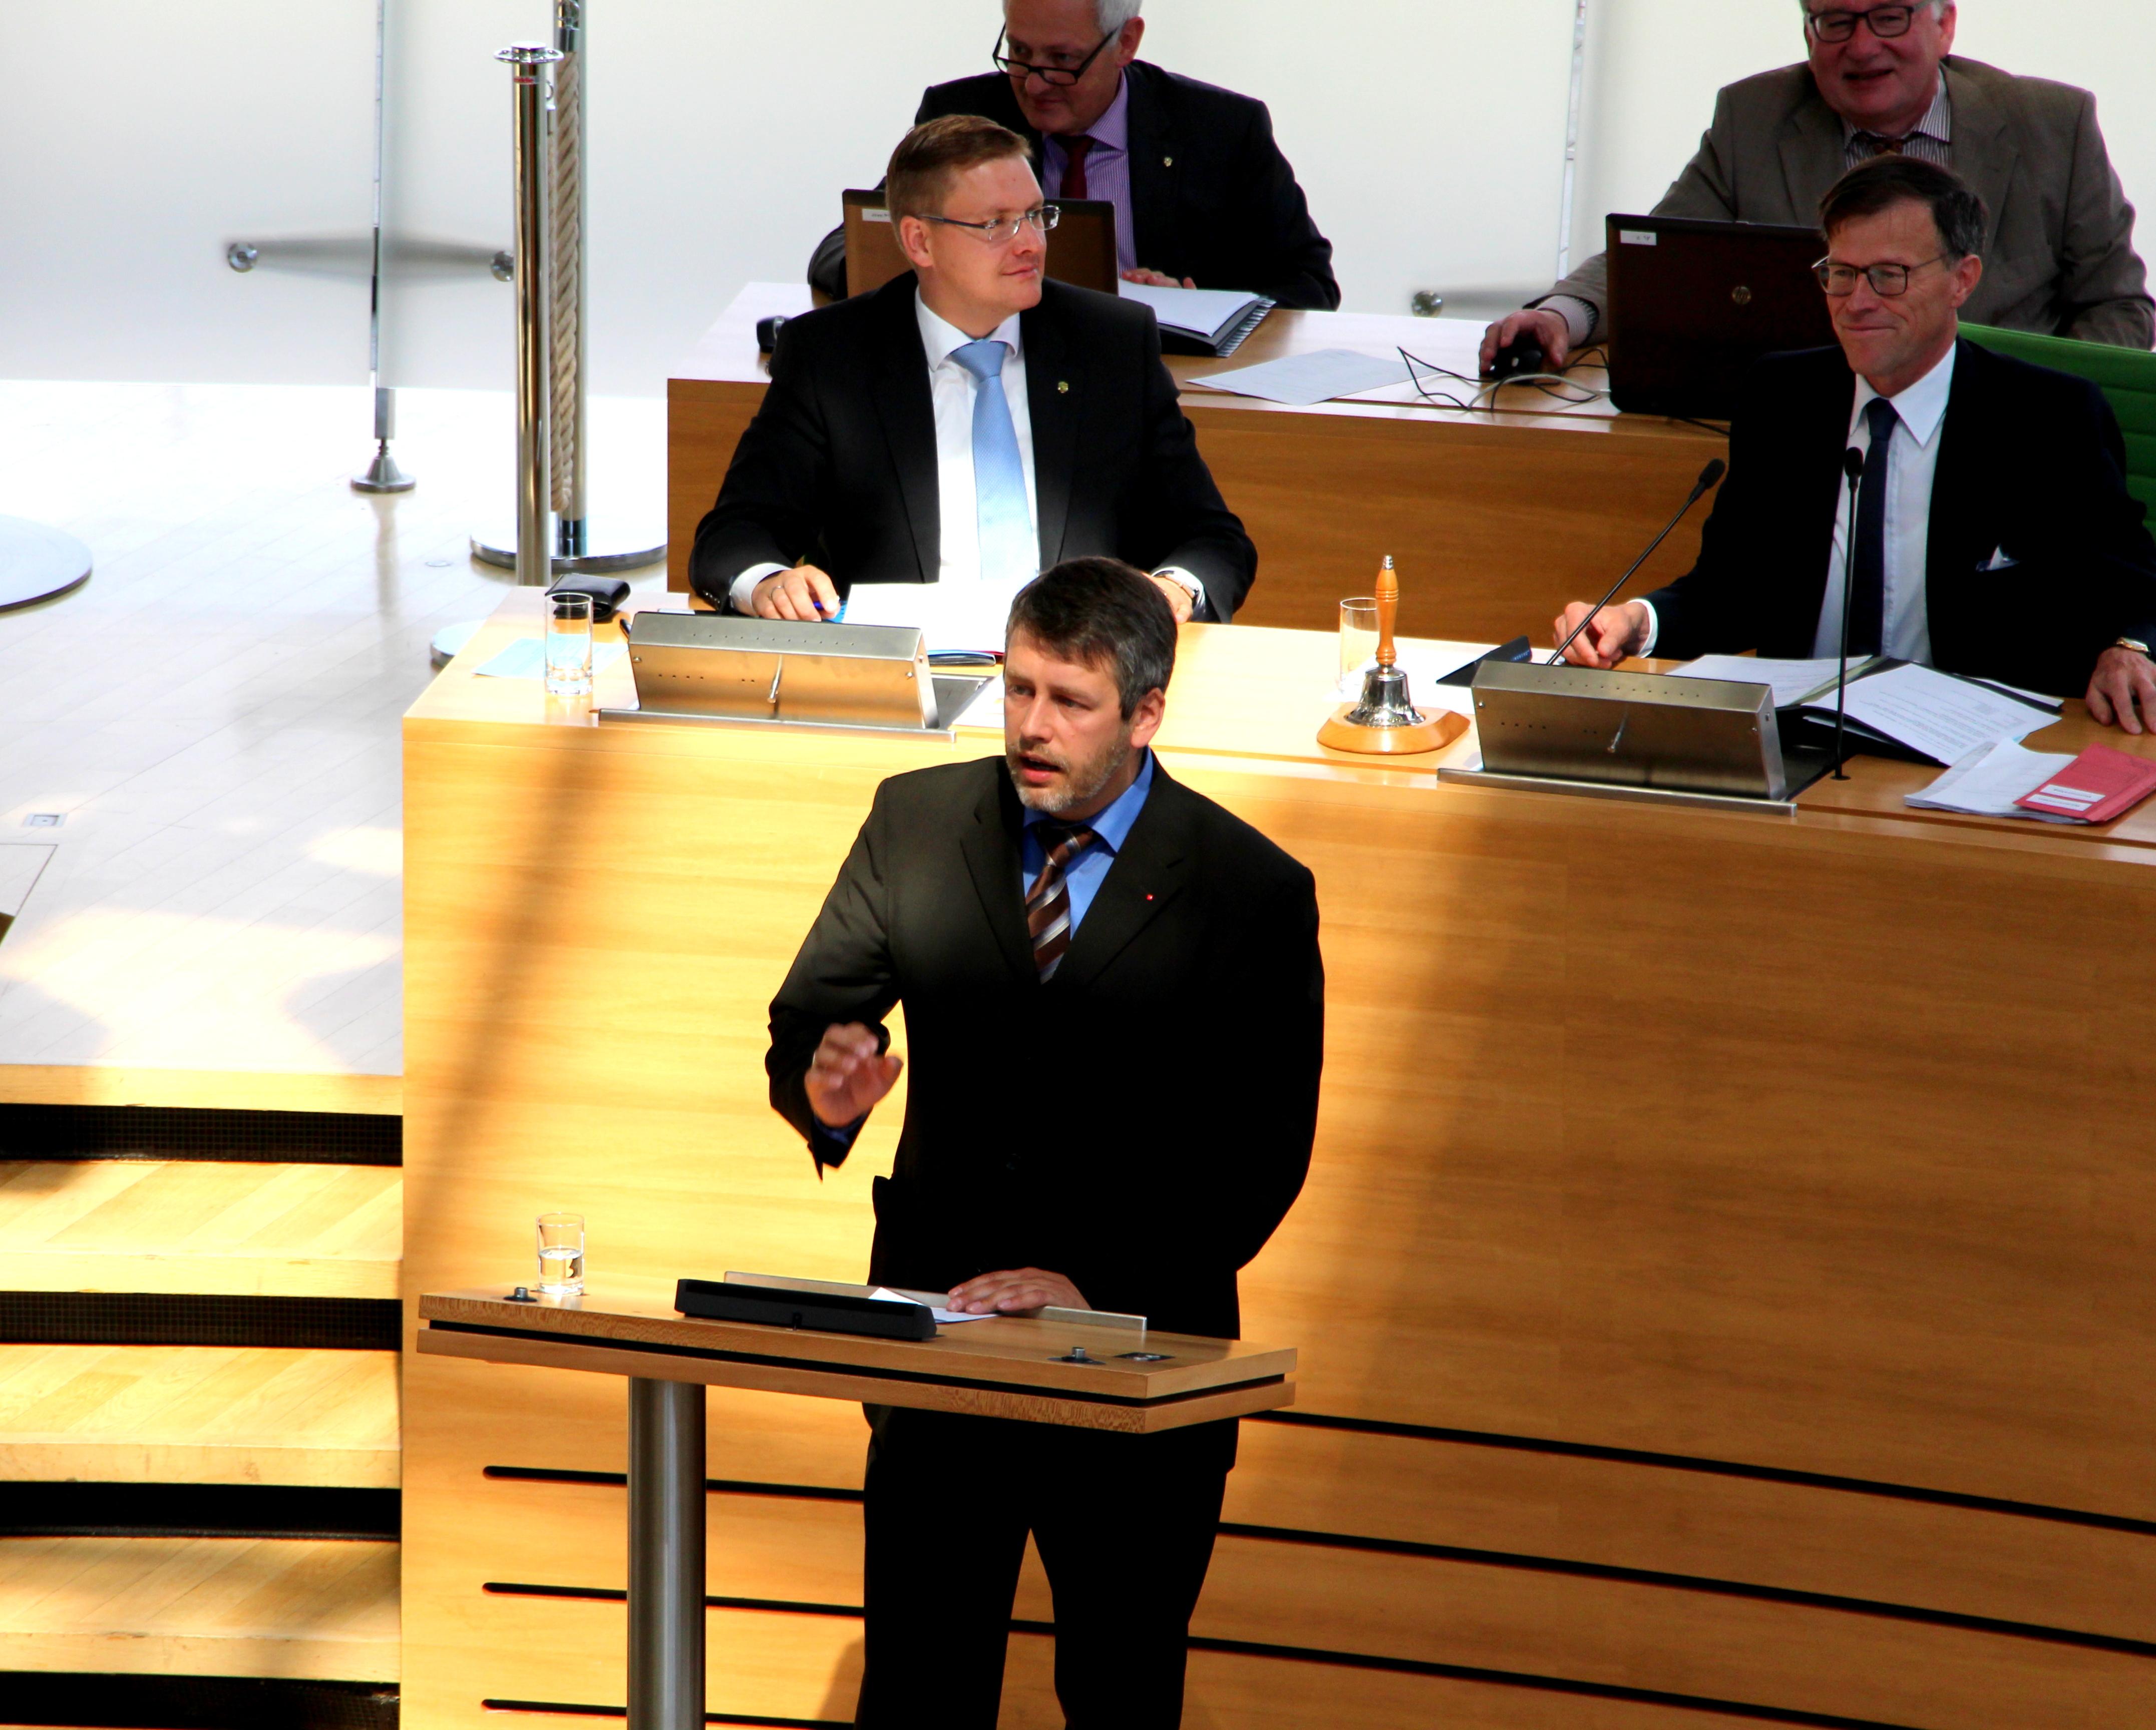 Pallas: Parlament und Regierung können und werden Herausforderungen annehmen und bewältigen